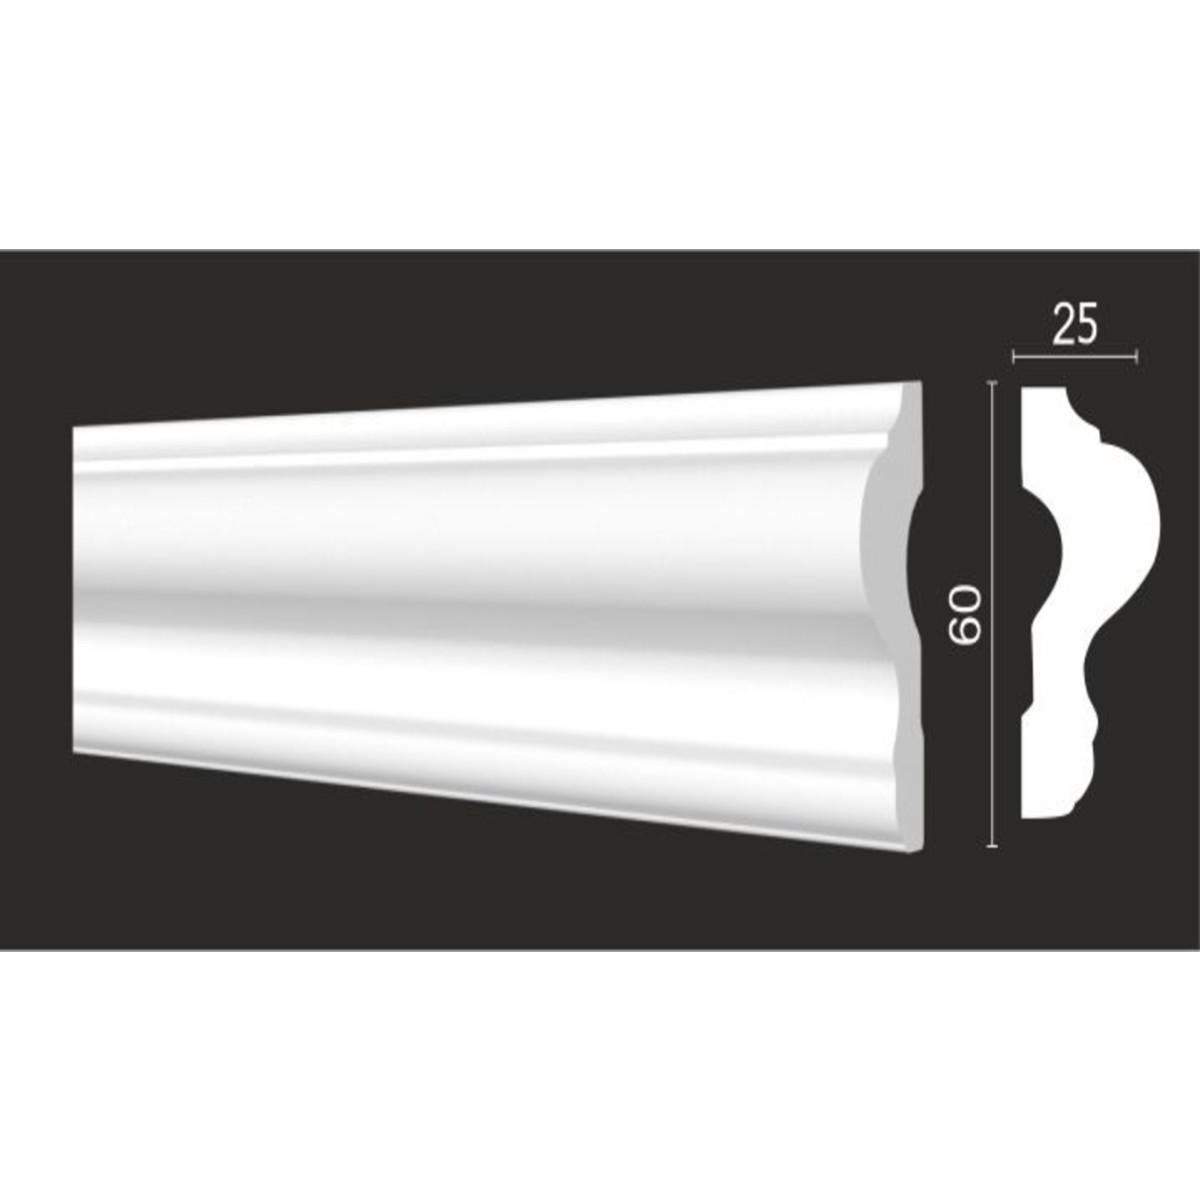 Молдинг стеновой Decor-Dizayn DD302 25х200 см дюропласт